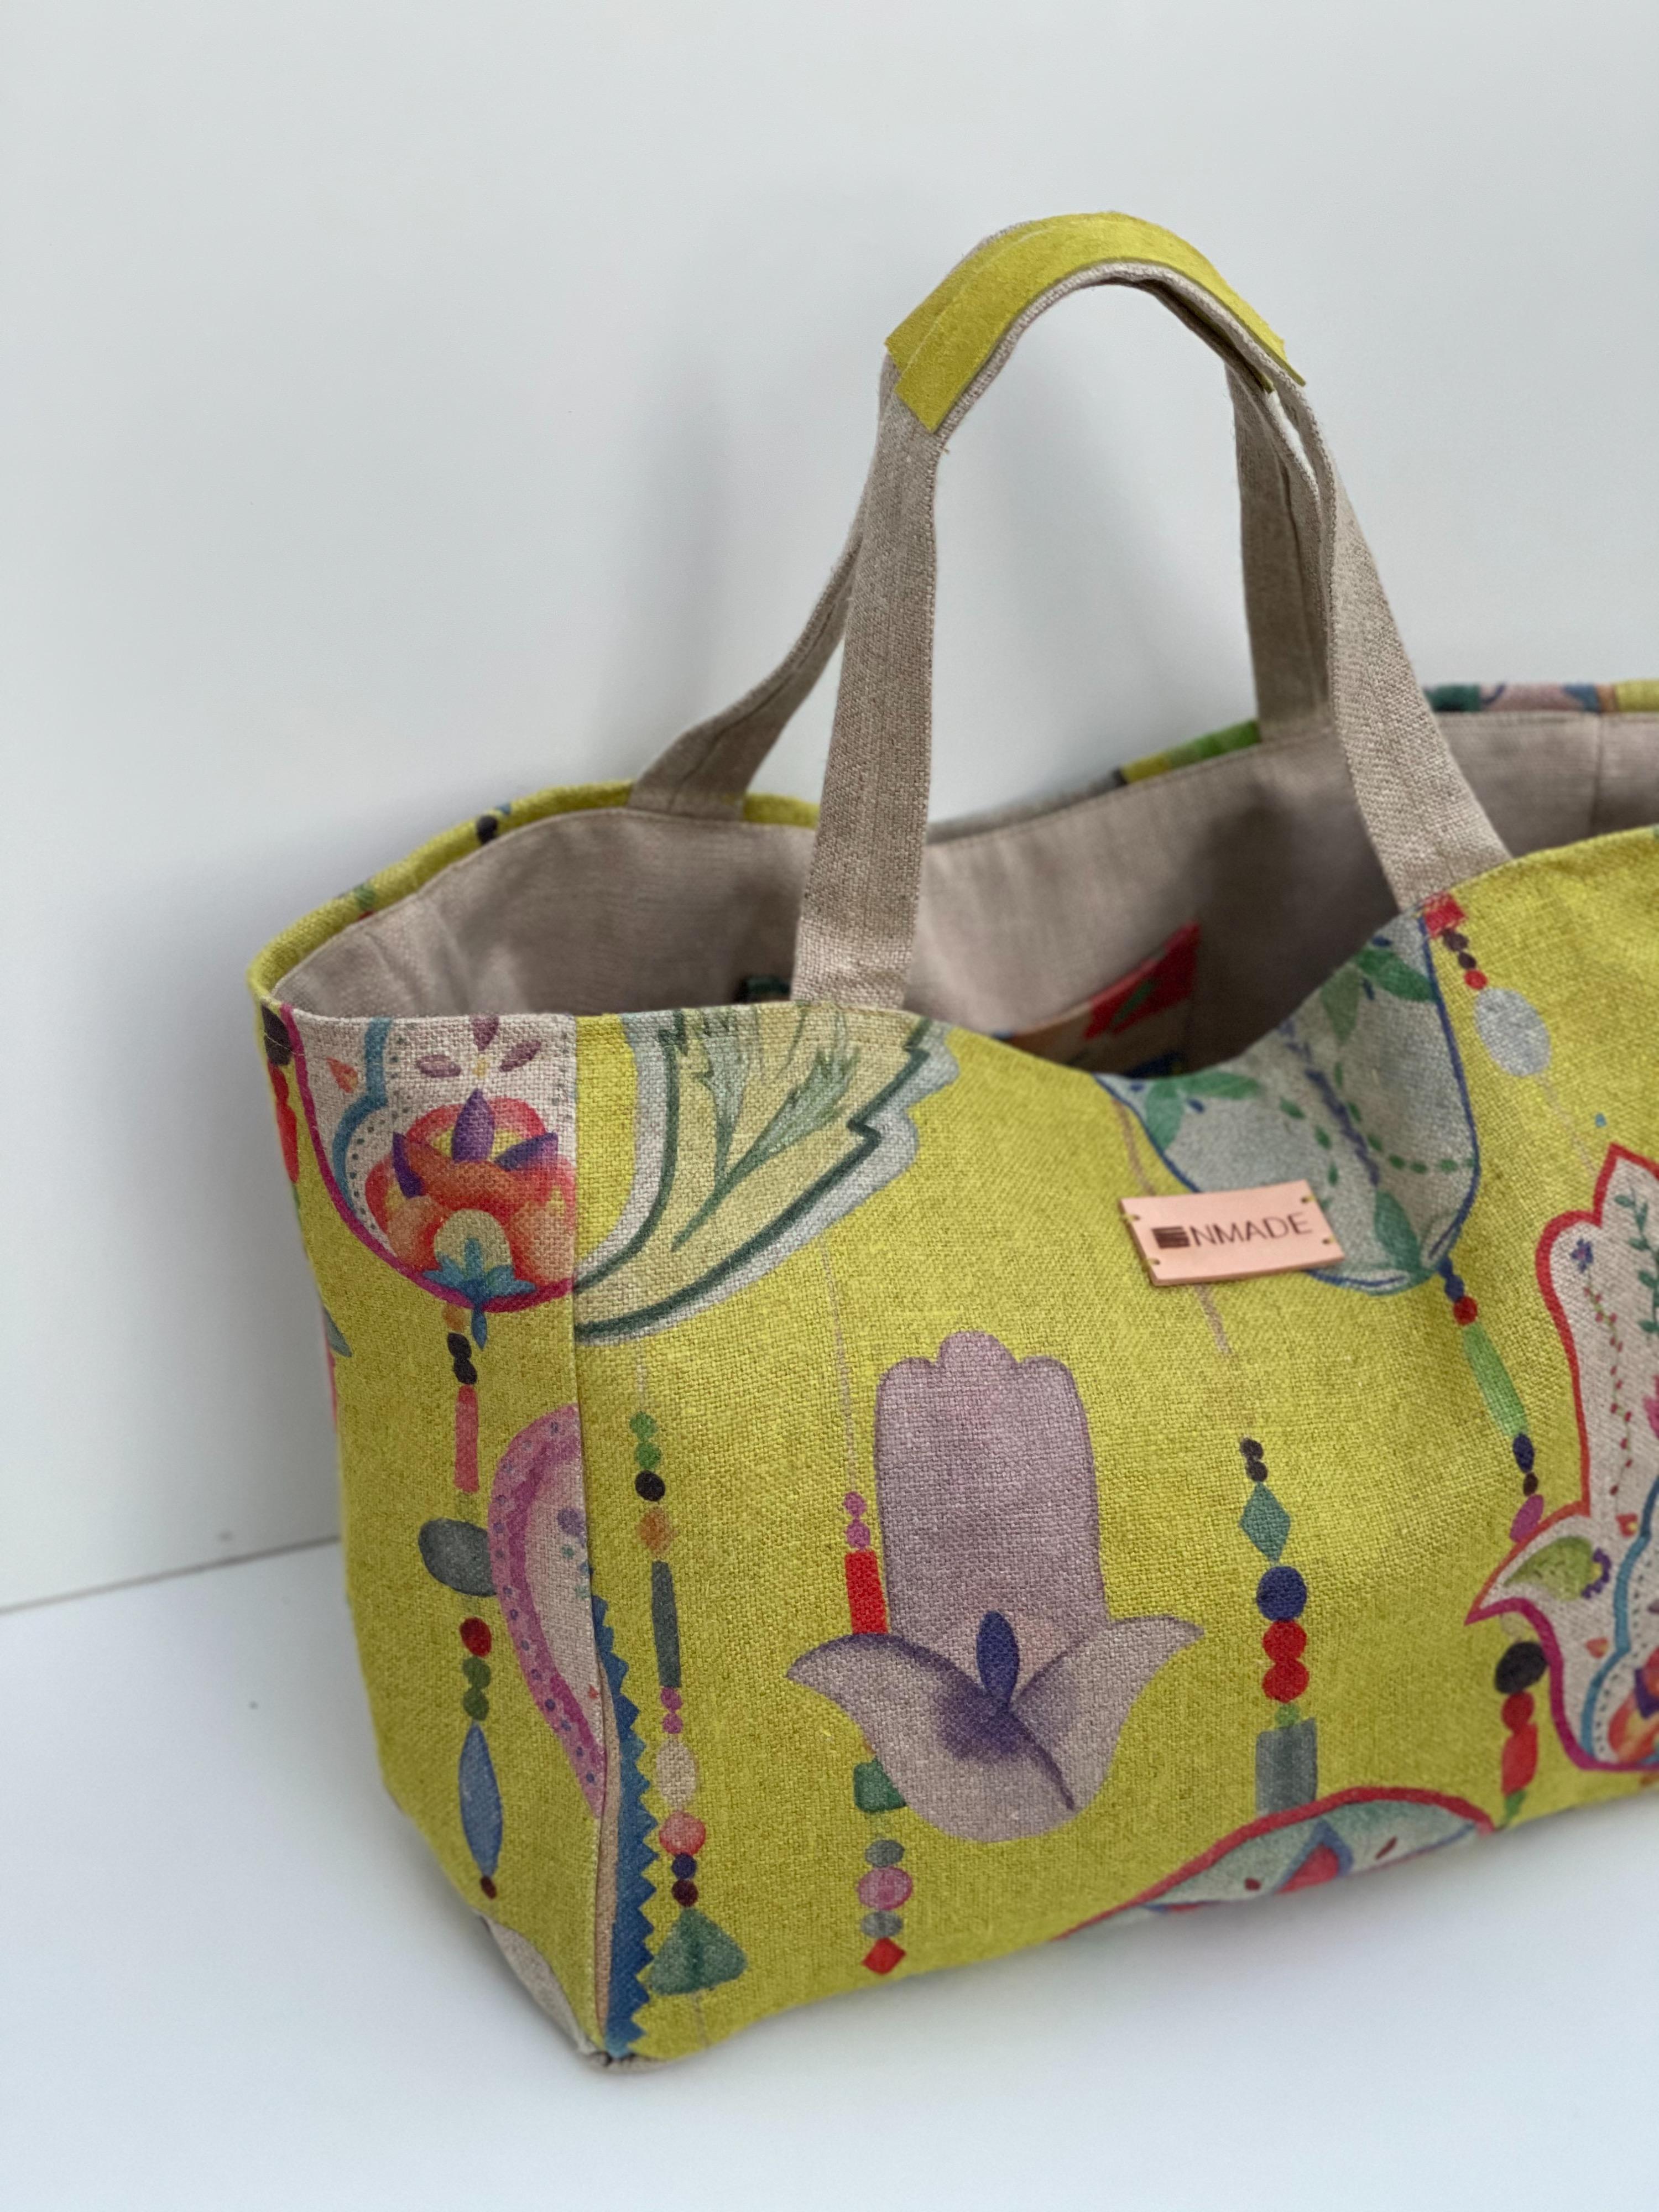 XL Bag Boho #2